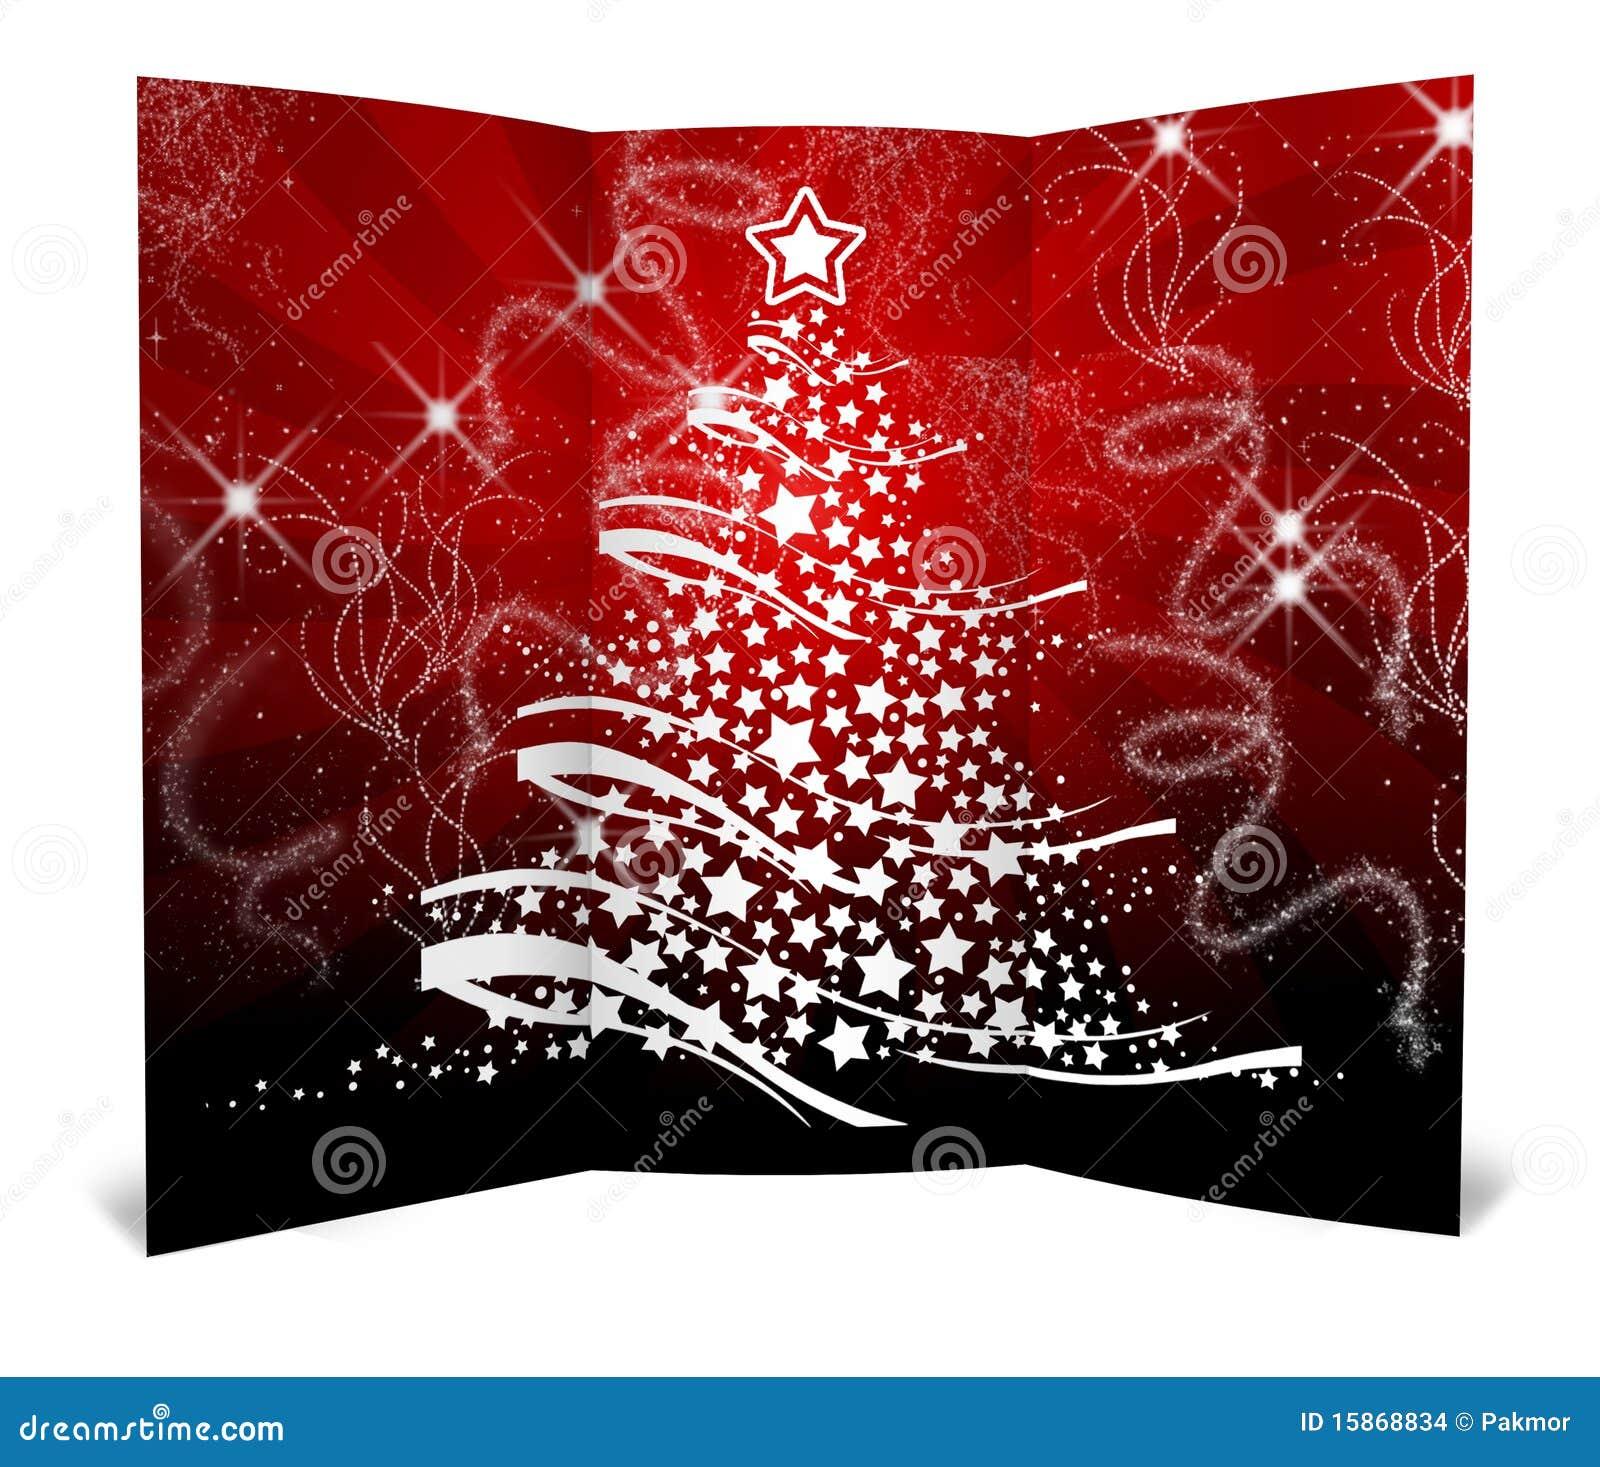 Auguri Di Natale 3d.Cartolina D Auguri Di Natale 3d Illustrazione Di Stock